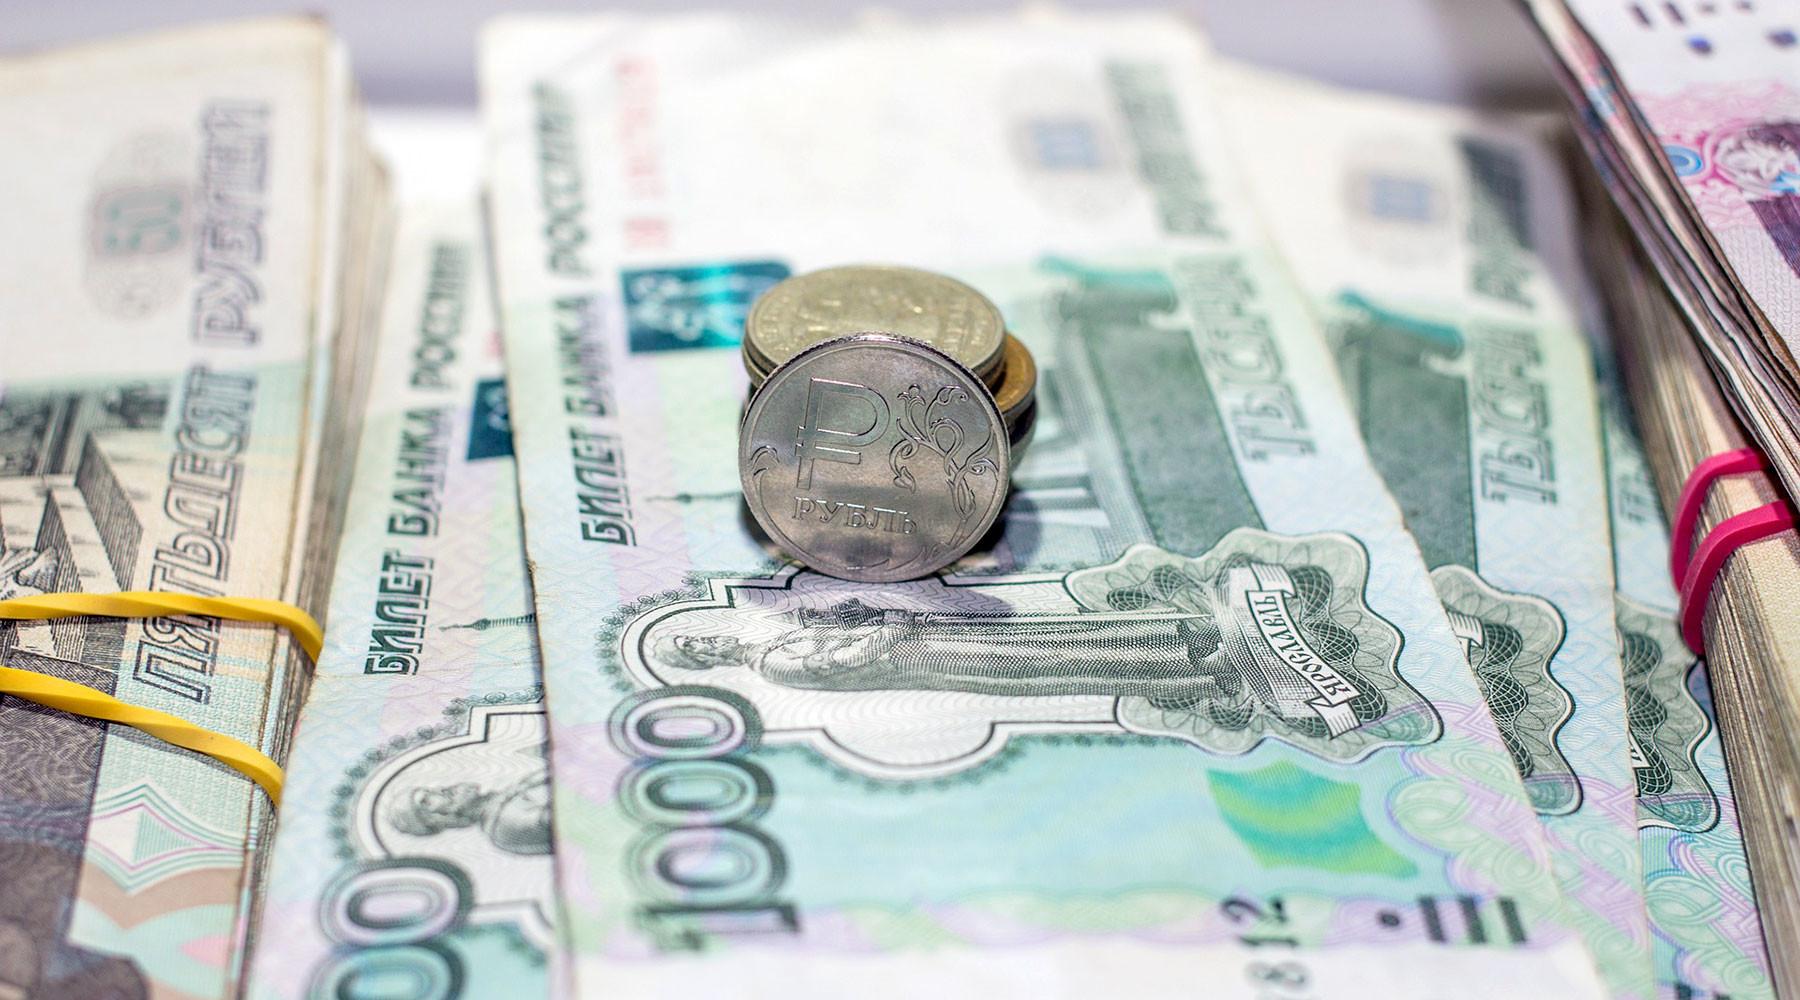 общественники предлагают законодательно увеличить неустойку за невыплату зарплаты»